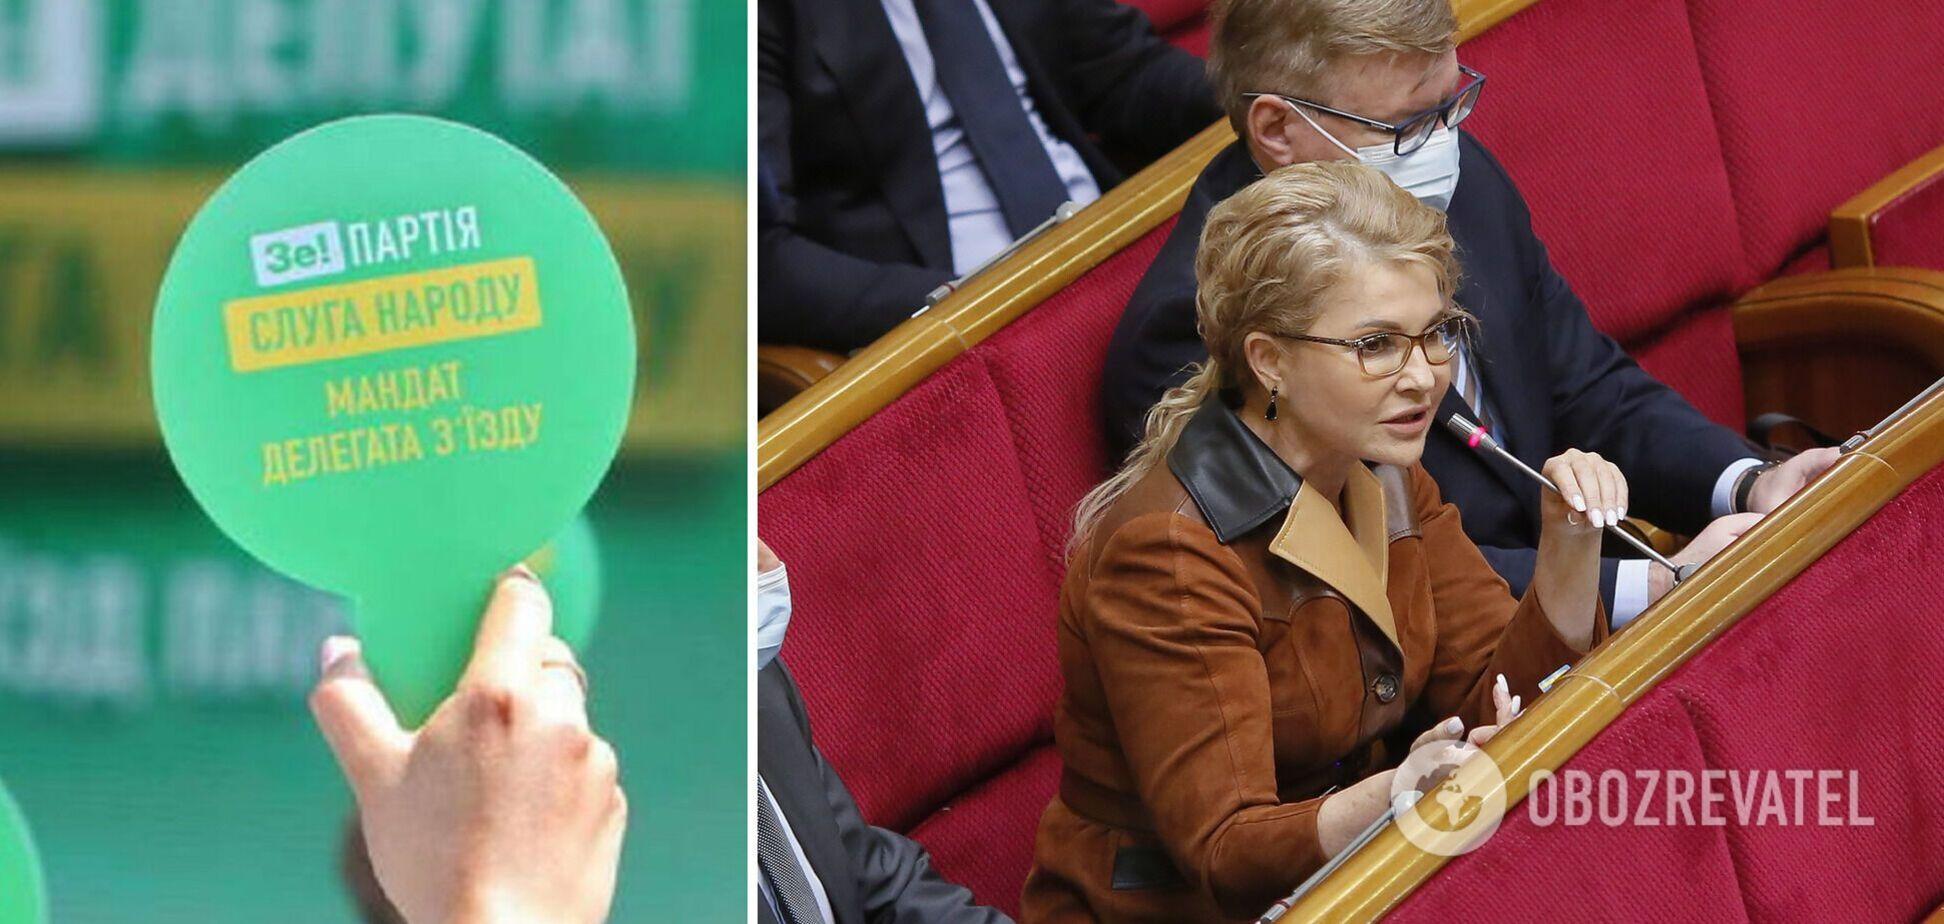 Коаліція для 'слуг' можлива лише з 'Батьківщиною', для Тимошенко ситуація Win-Win, – експерт